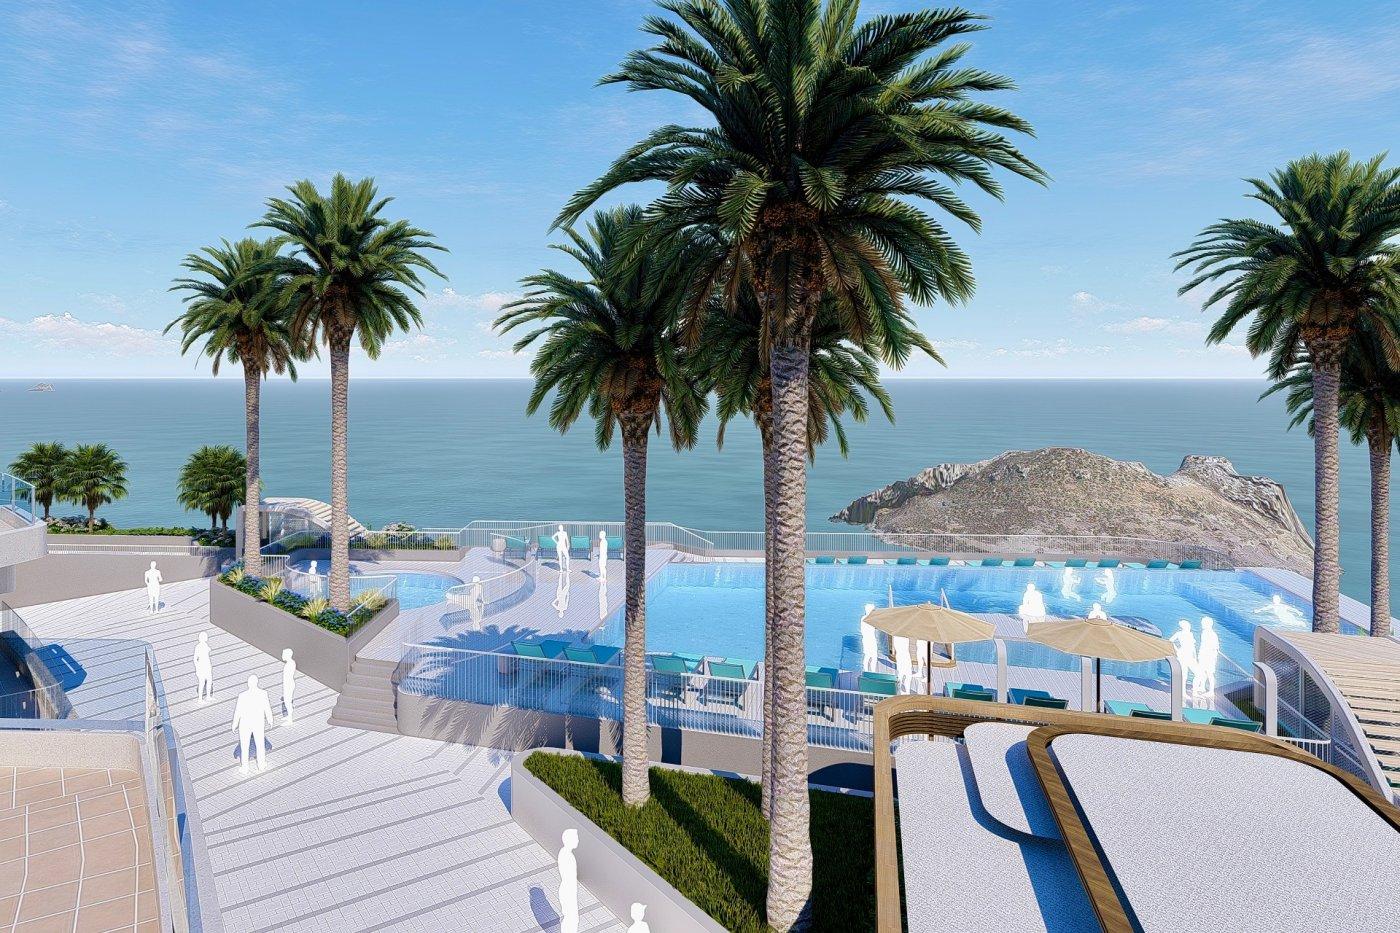 Galleribillede 16 of Exceptionel 2 etagers 4 vær luksus lejlighed, panorama udsigt, 58 m2 og 24 m2 solterrasser